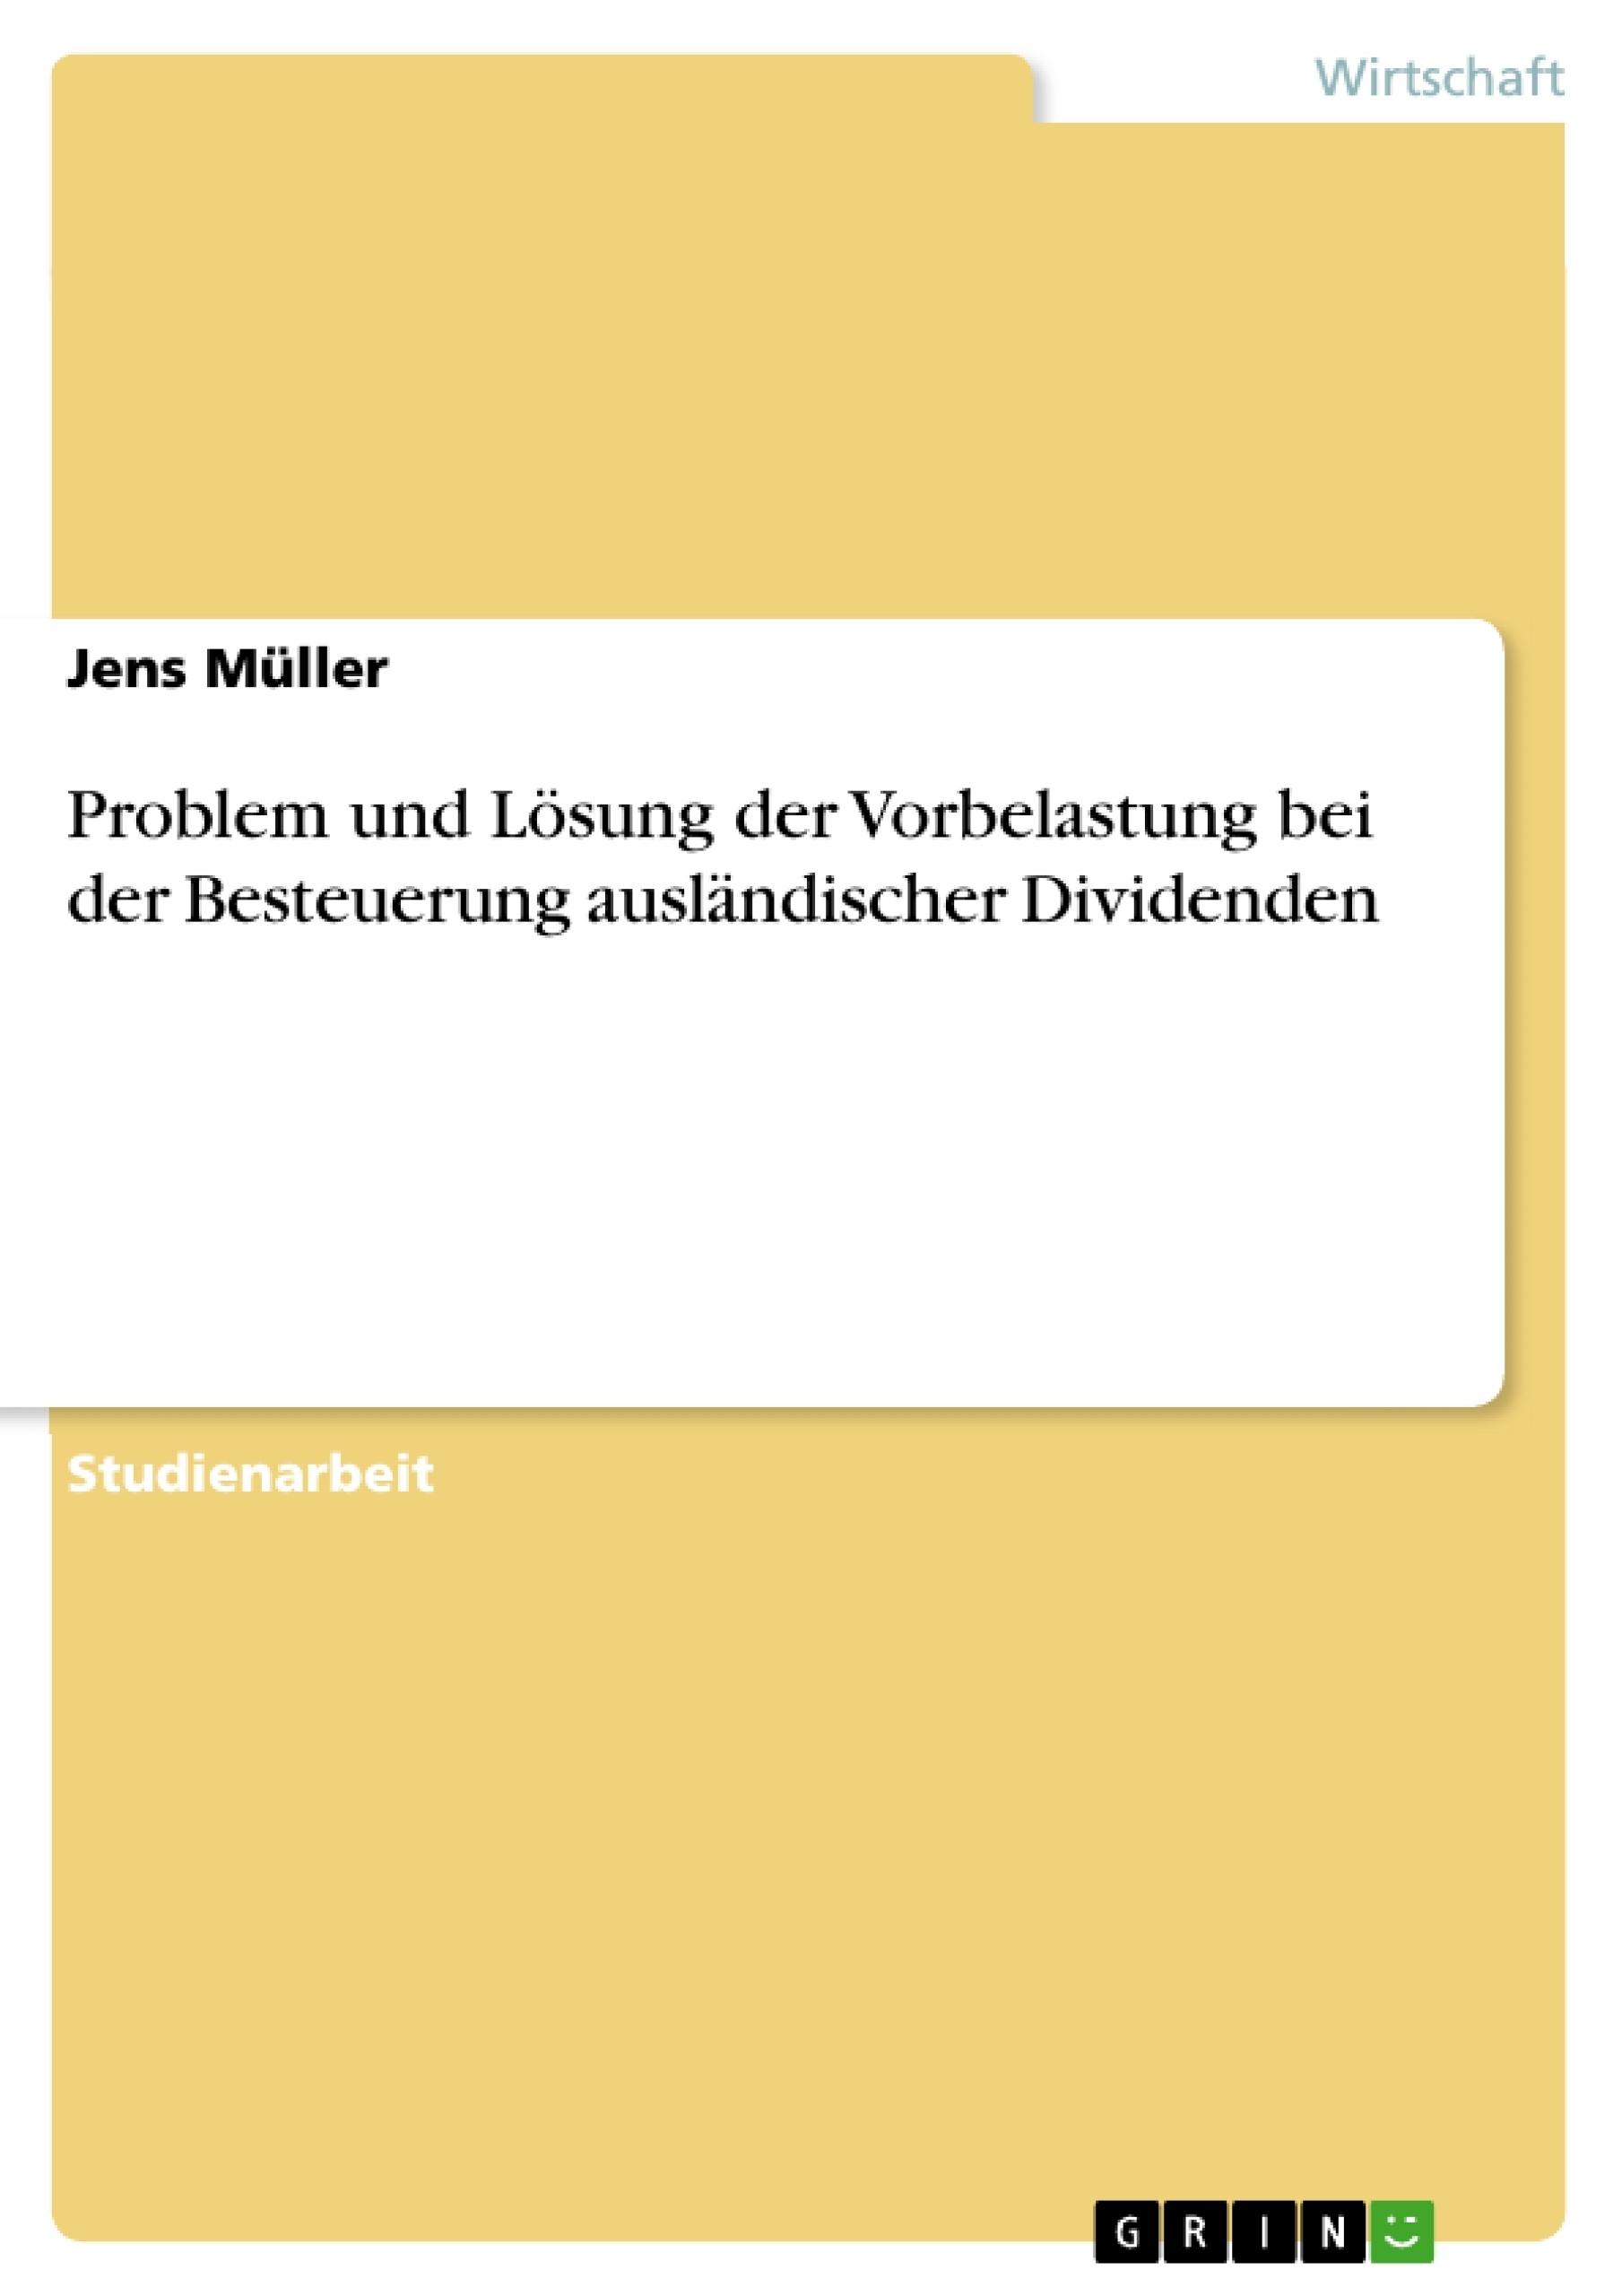 Titel: Problem und Lösung der Vorbelastung bei der Besteuerung ausländischer Dividenden